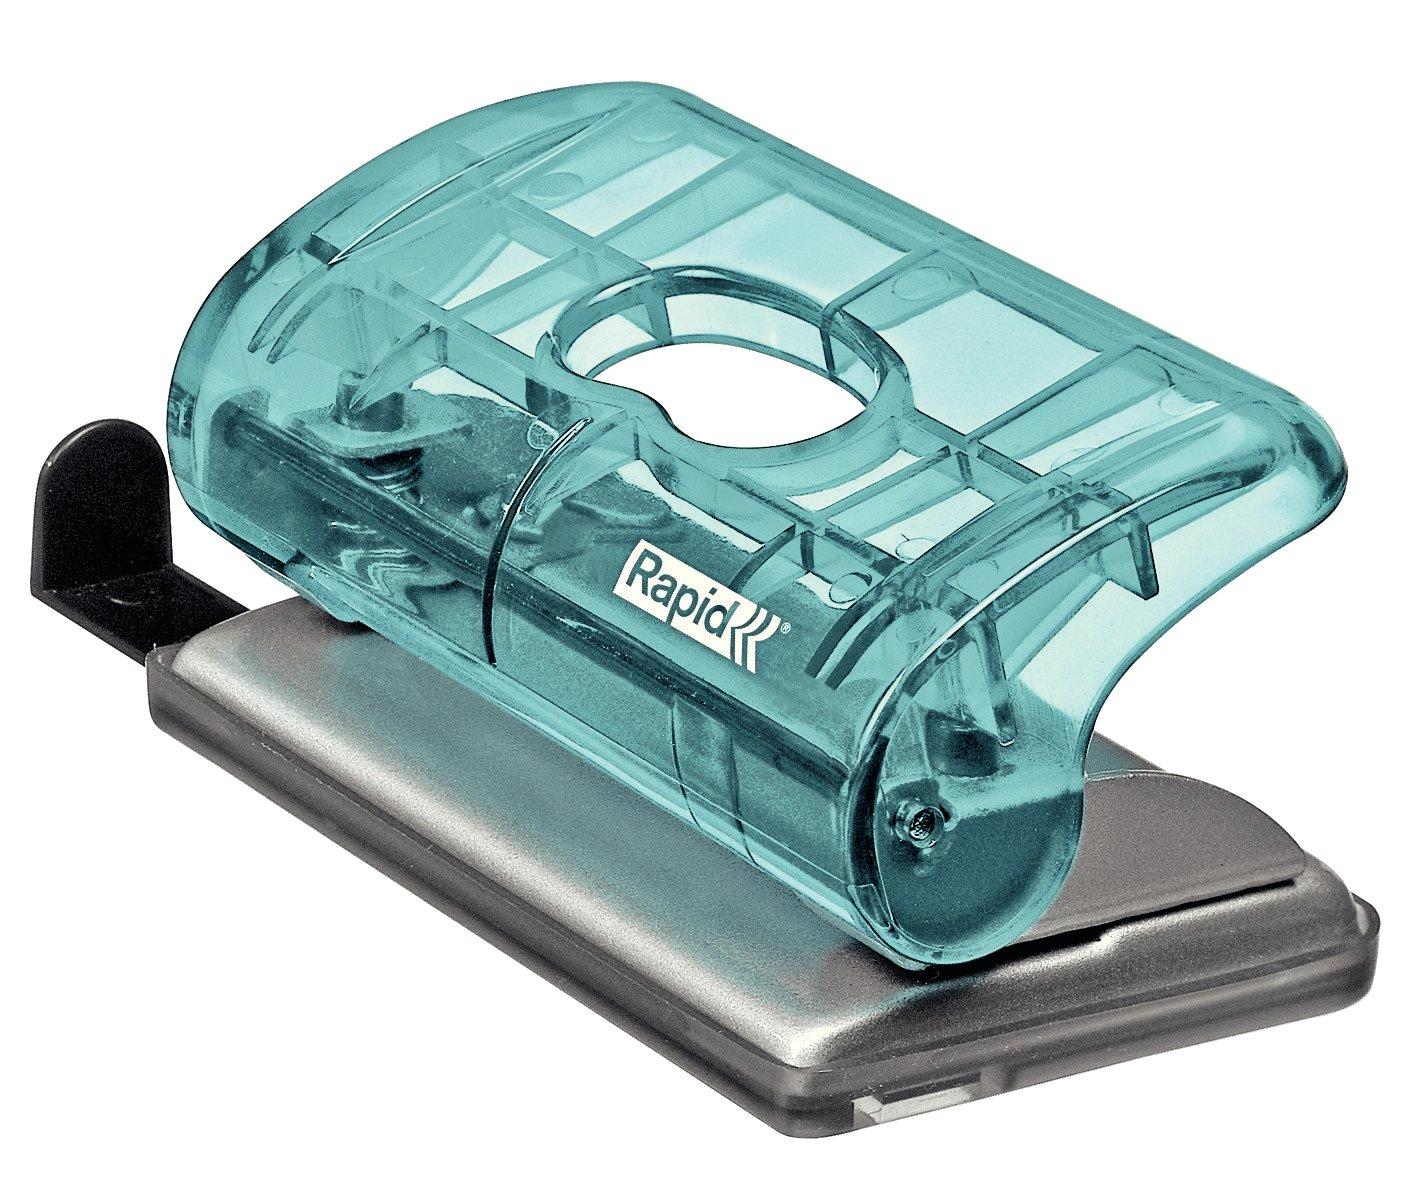 Rapid Miniperforatore, Per 10 Fogli, Giallo, FC5, Colour'Ice, 5001329 Colour' Ice Esselte